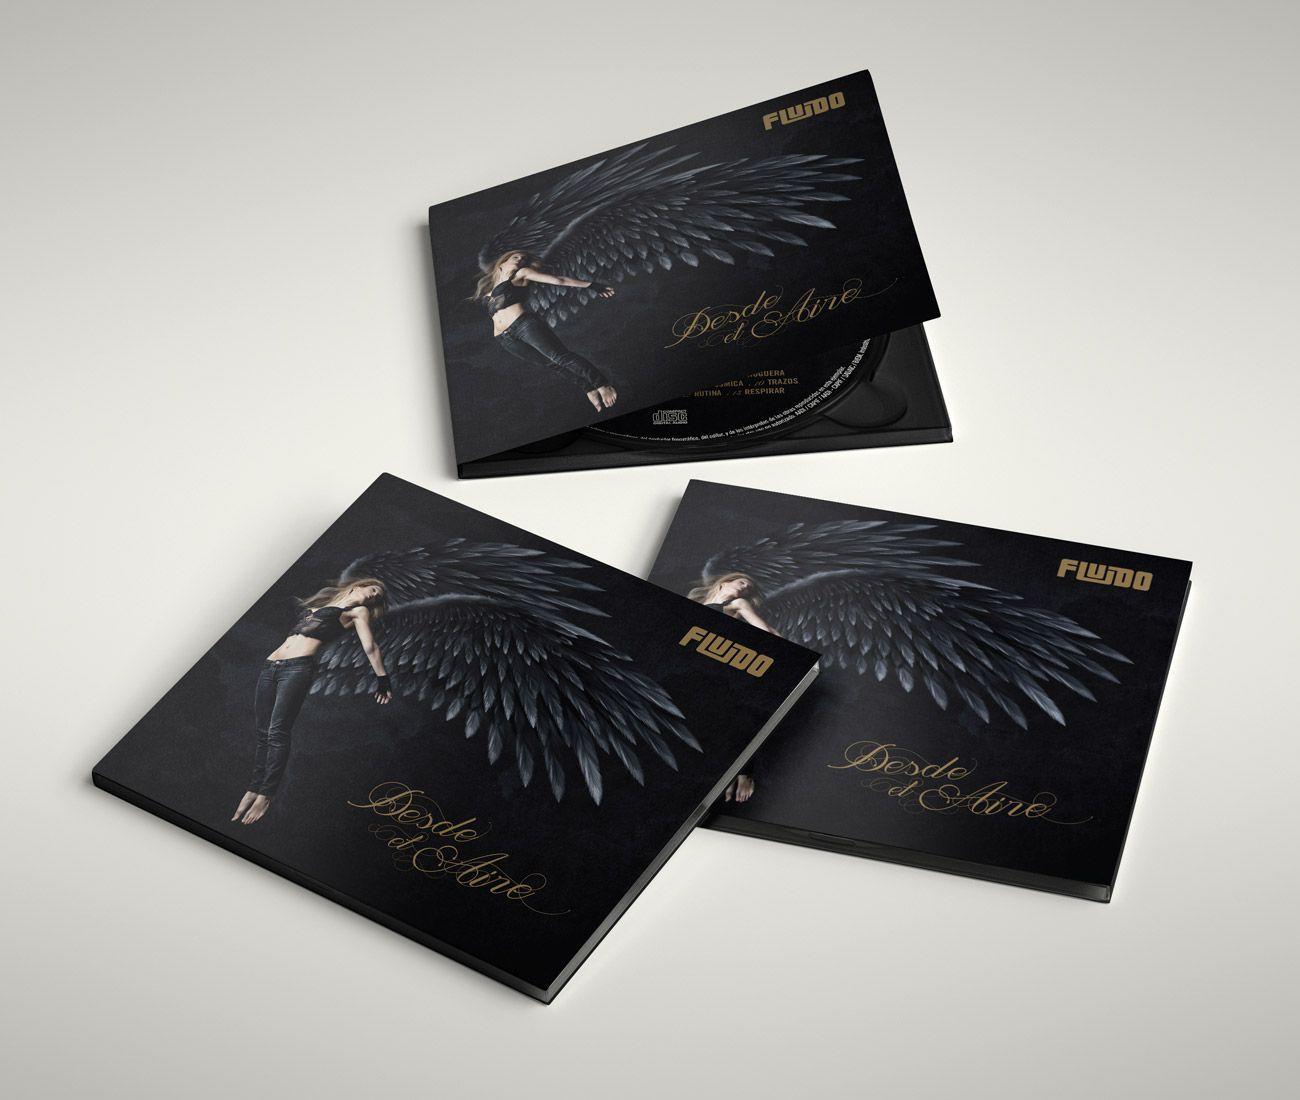 Fluido Desde el Aire Digipack Diseño Portada CD